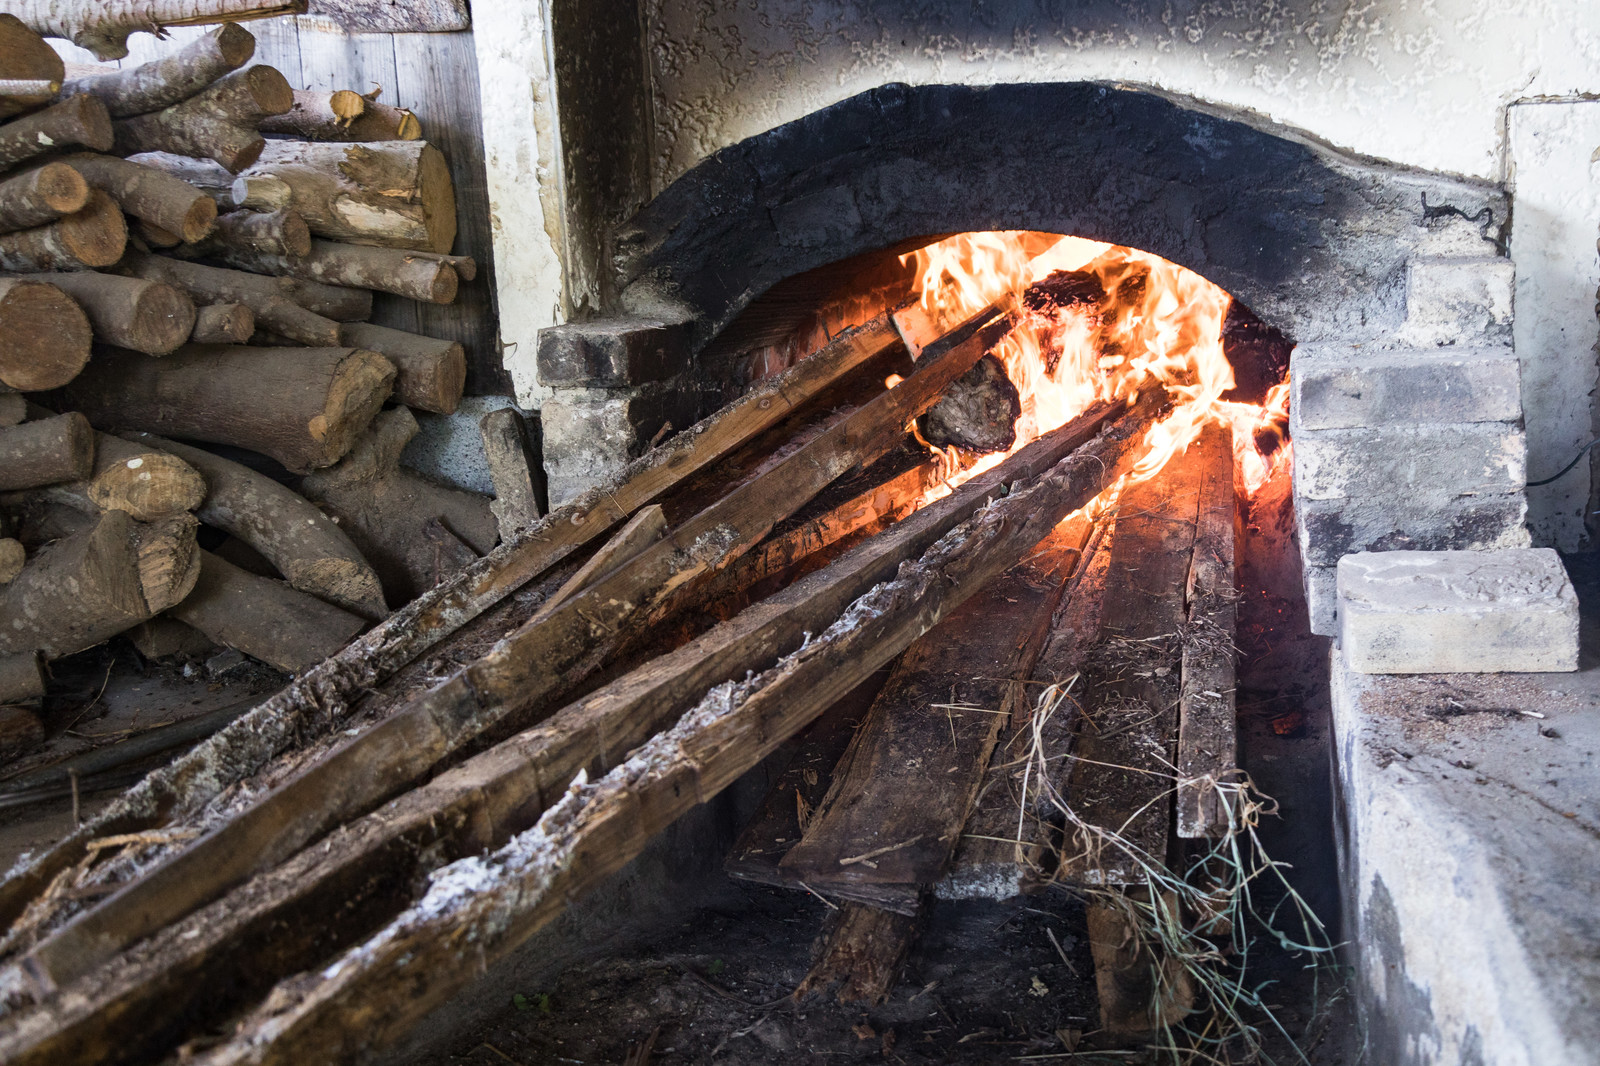 「窯を沸騰させるのに薪を燃やす | 写真の無料素材・フリー素材 - ぱくたそ」の写真